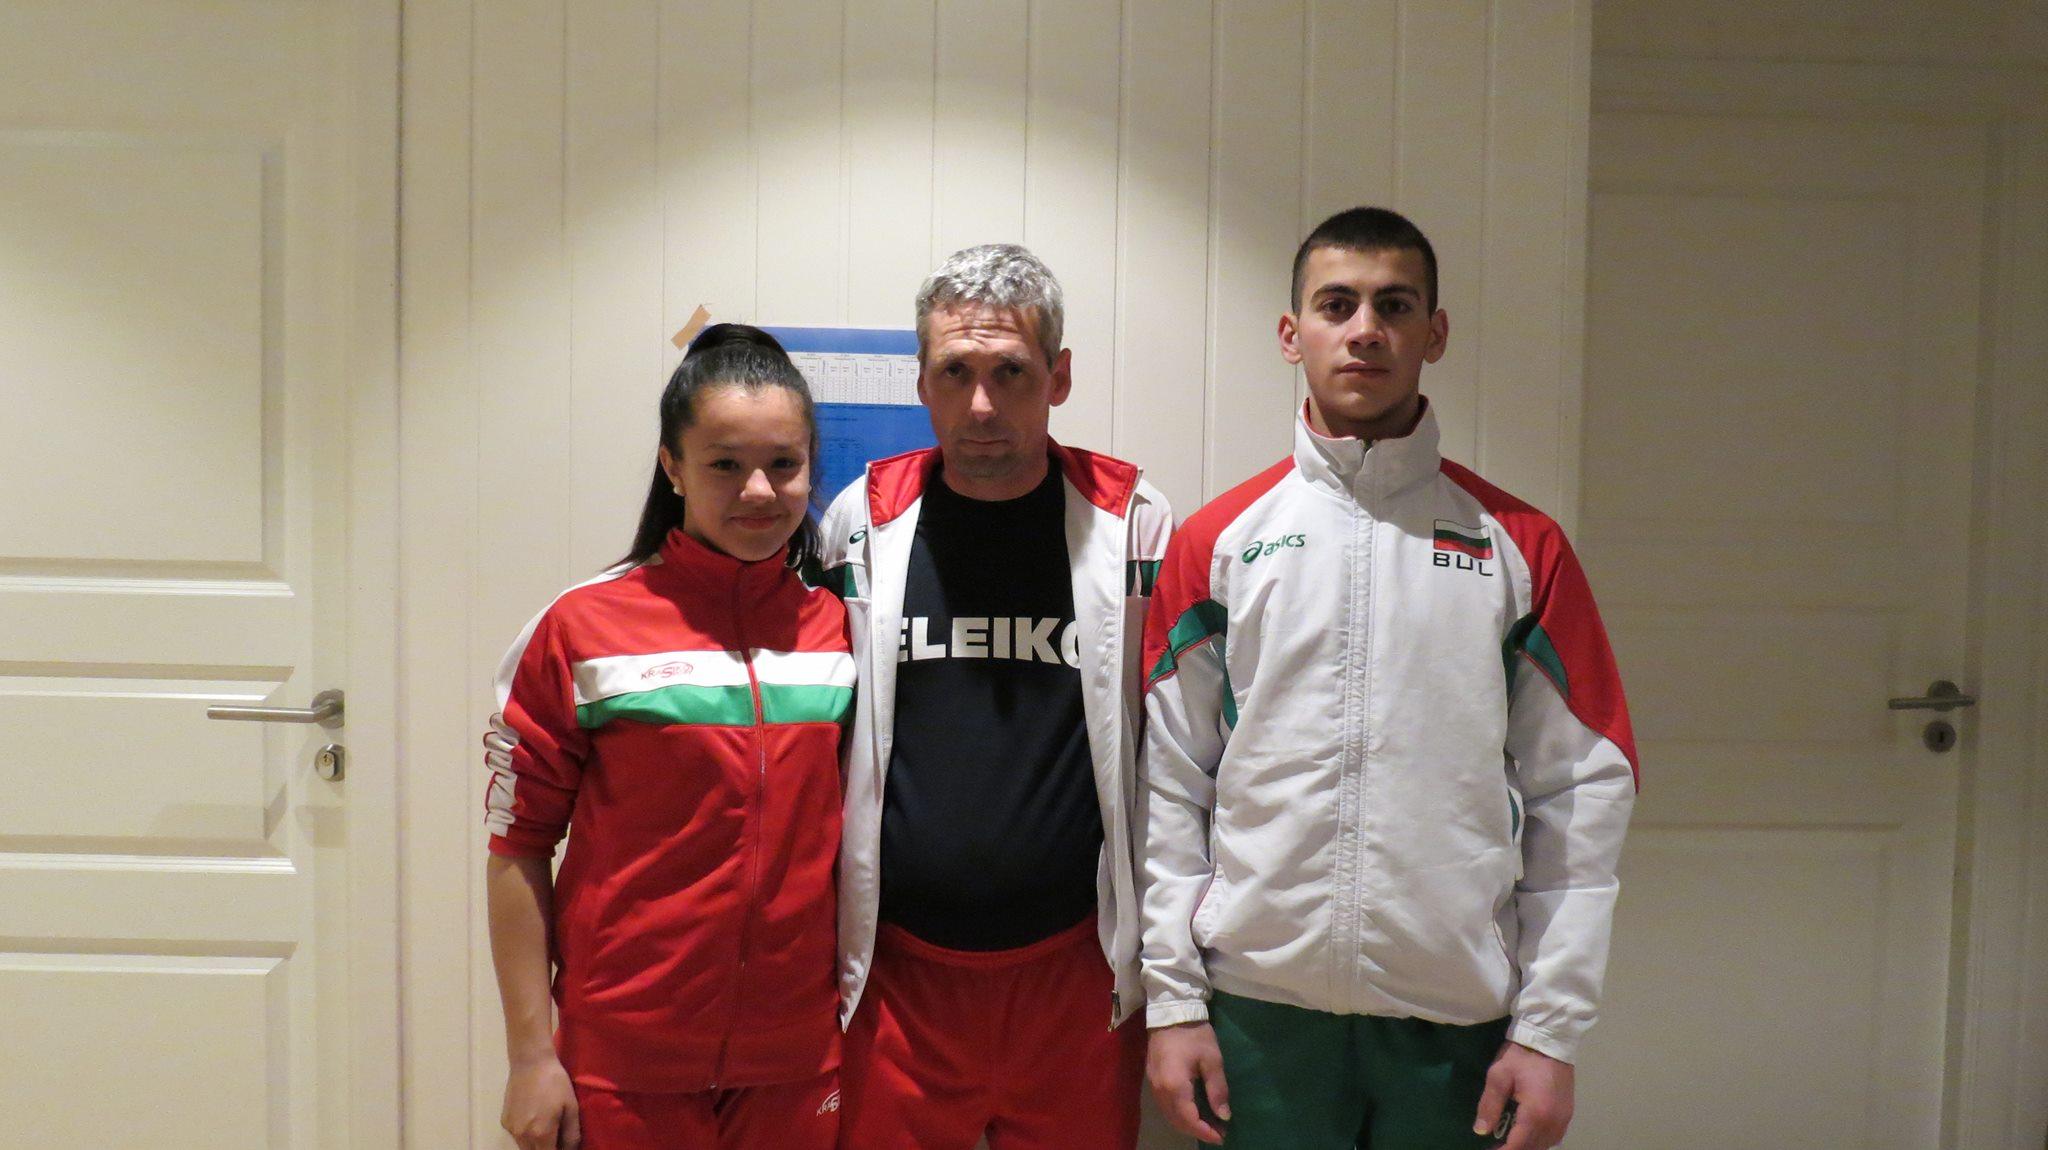 На състезанието за купа Русе ще видим и русенци - национални състезатели